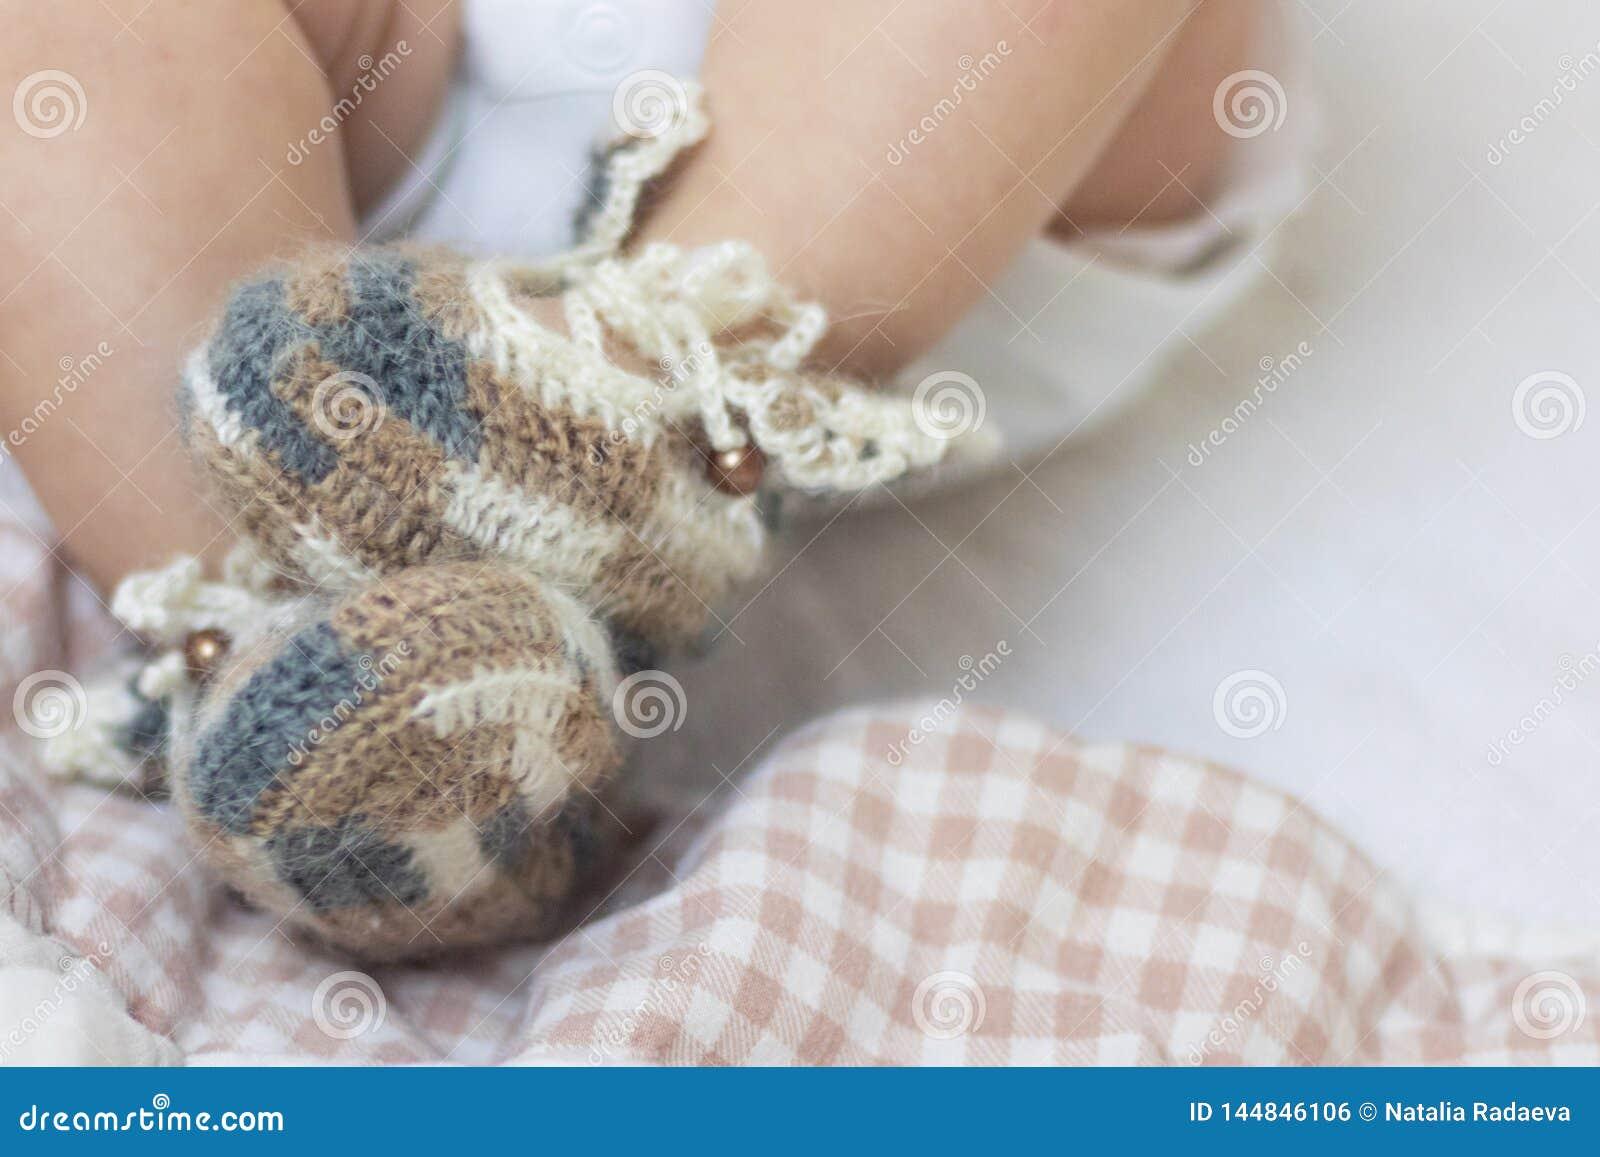 Τα νεογέννητα πόδια μωρών κλείνουν επάνω στις καφετιές πλεκτές λείες καλτσών μαλλιού σε ένα άσπρο κάλυμμα Το μωρό είναι στο παχνί